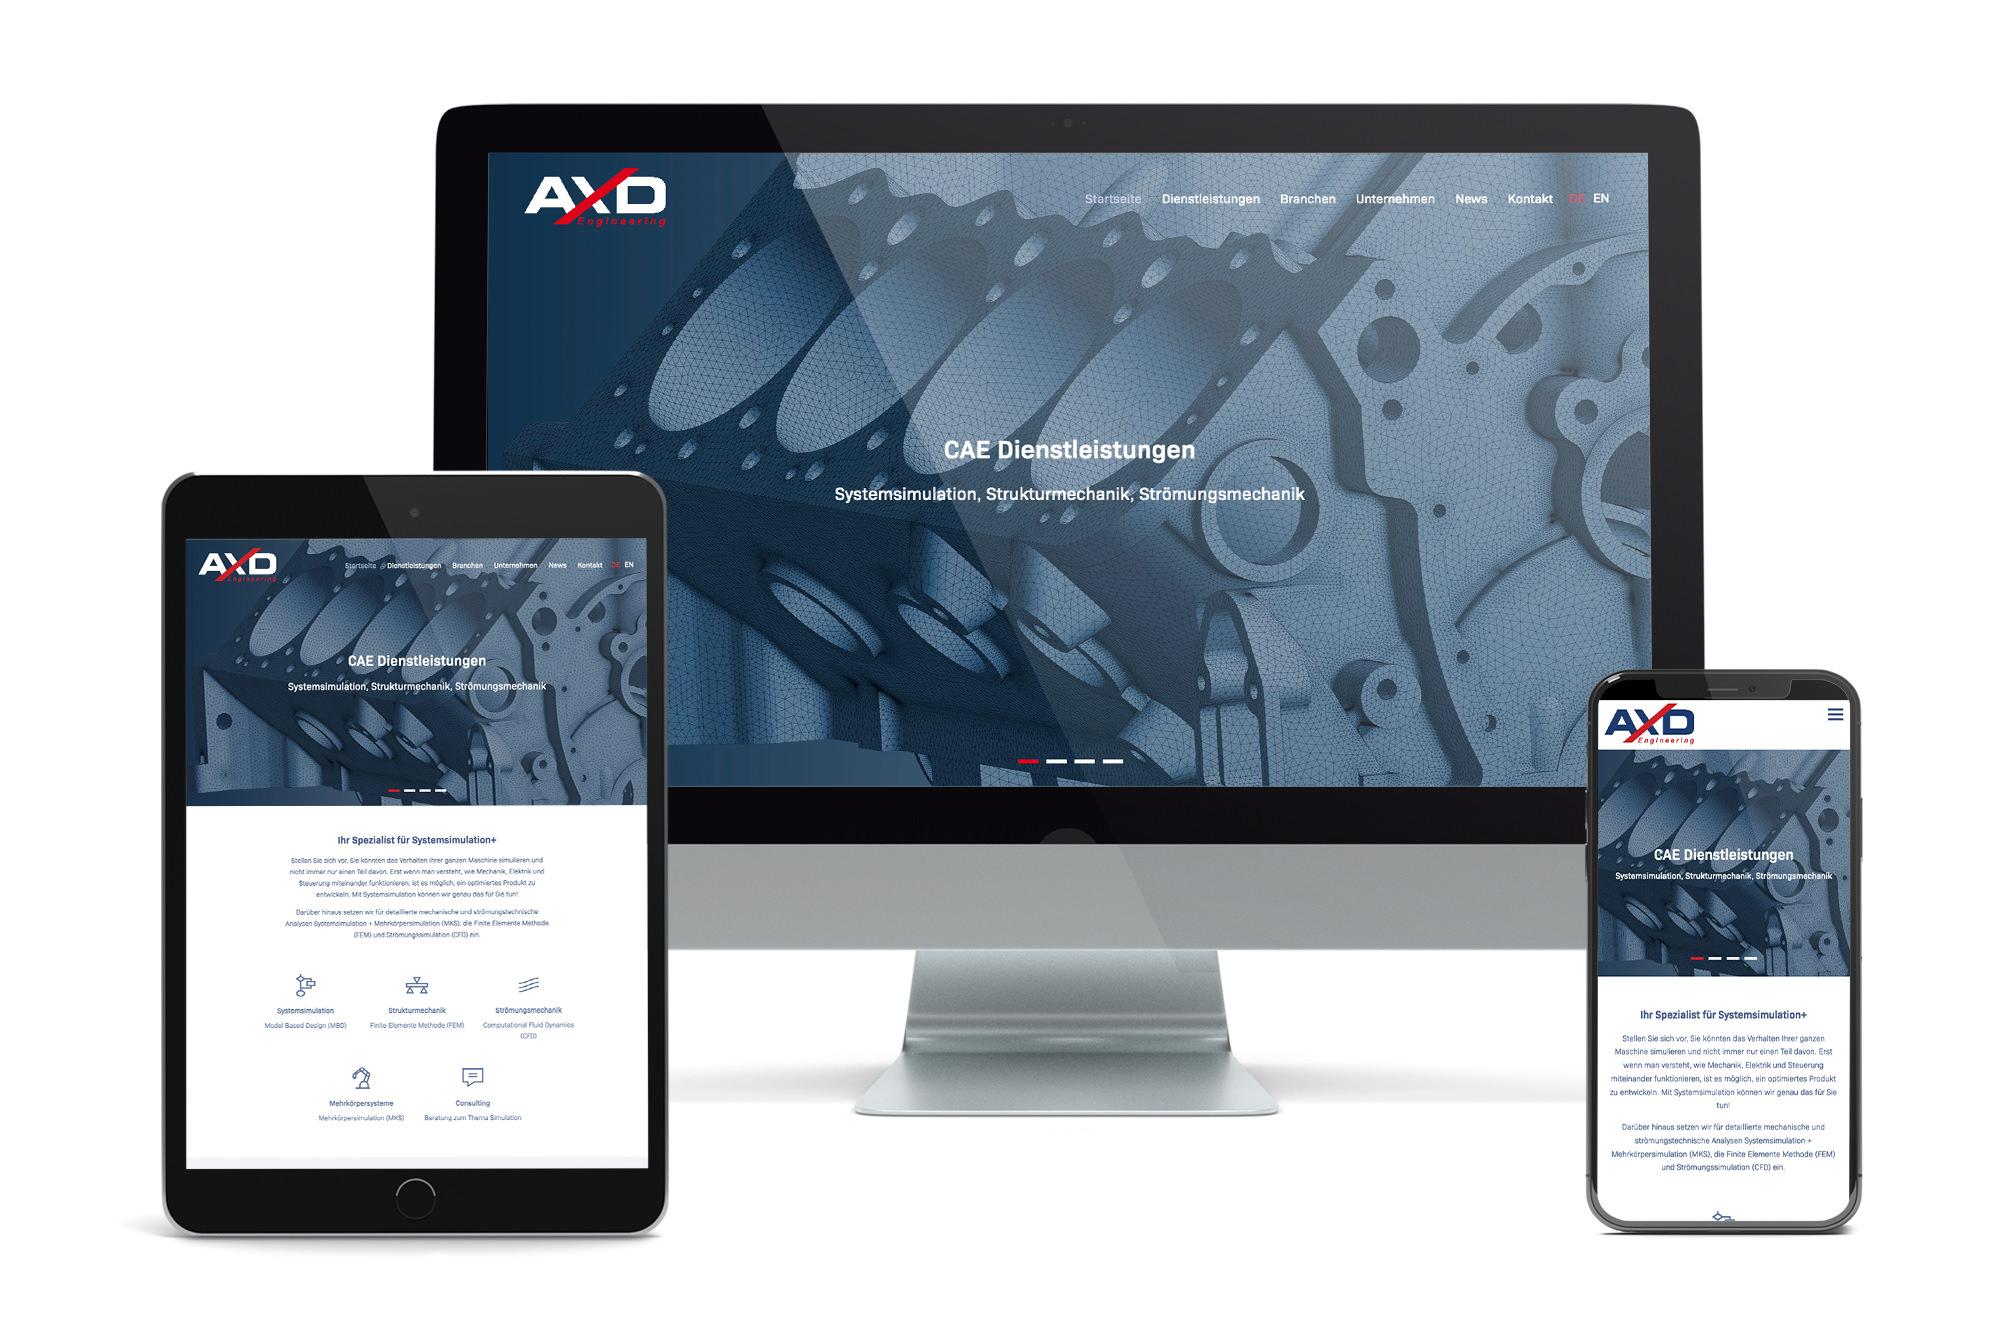 Webdesign Beispiel: Neue Website für CAE Dienstleistungen